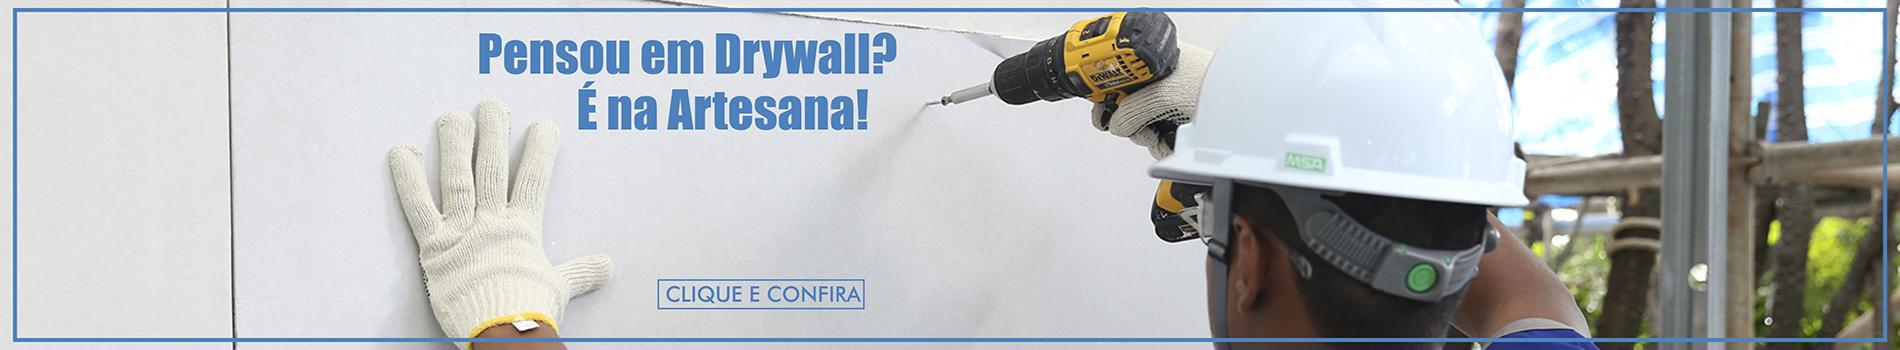 Aqui na Artesana você encontra: Drywall